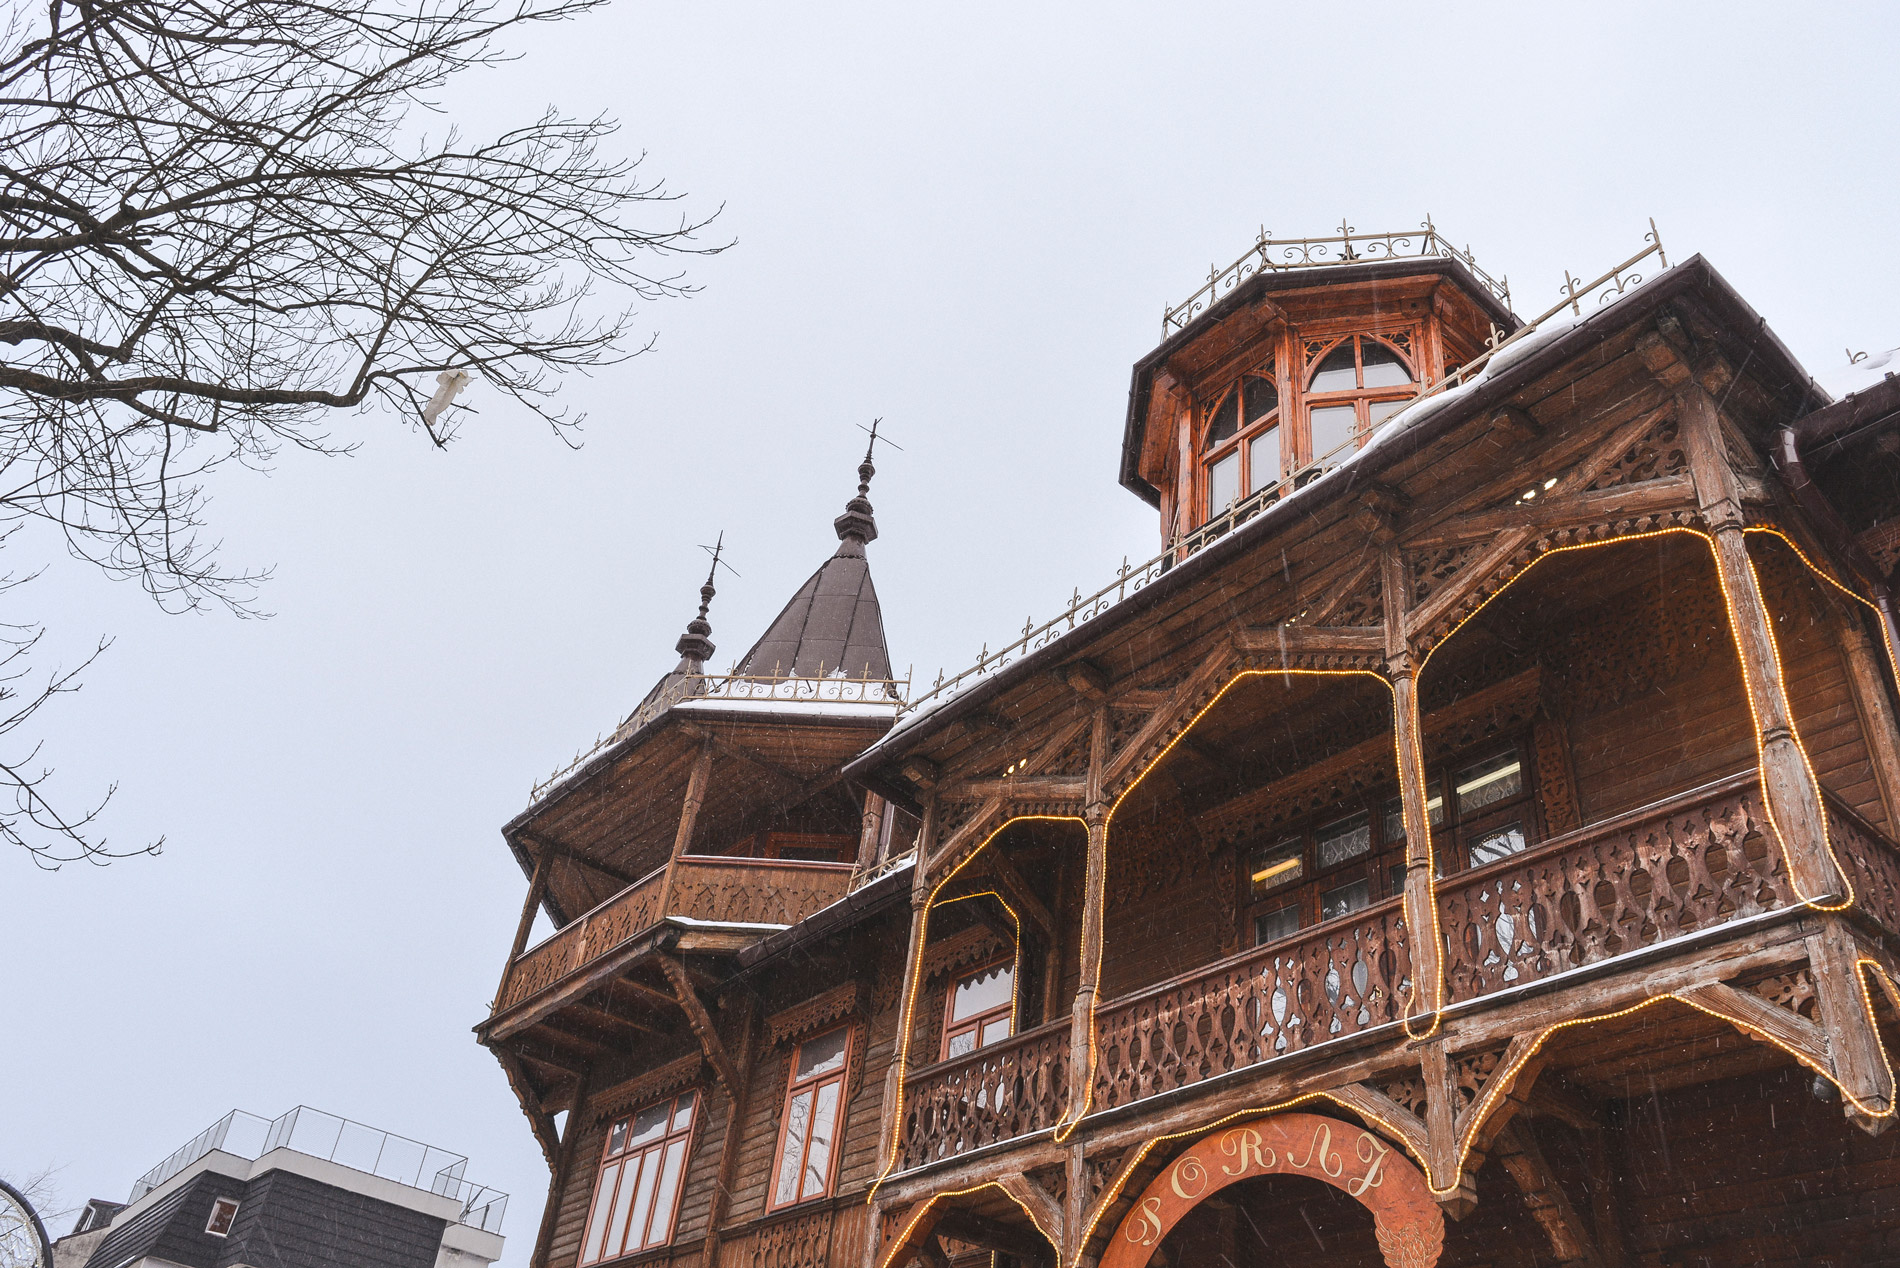 Arquitetura típica de Zakopane num dia de Inverno